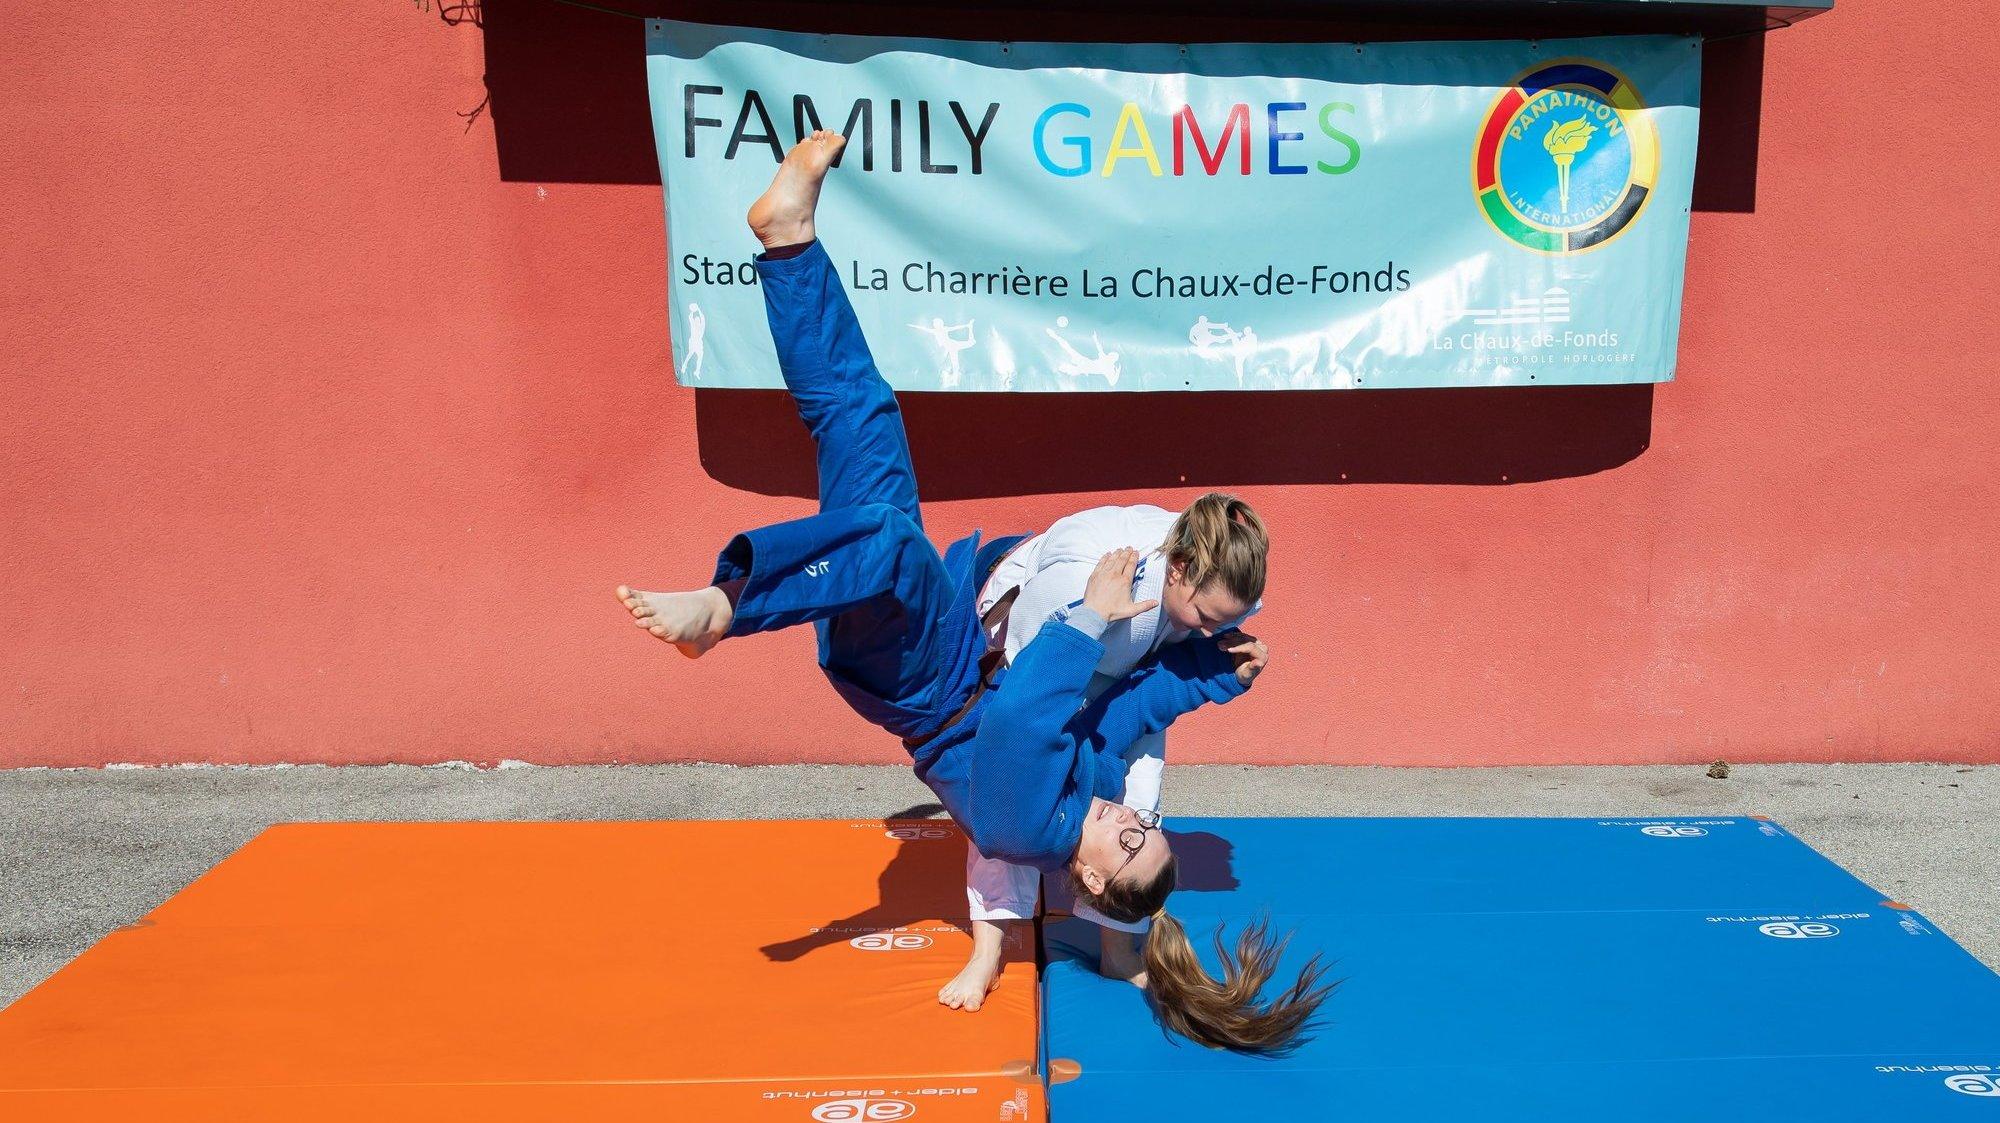 La Chaux-de-Fonds: un florilège de sports à tester aux Family Games